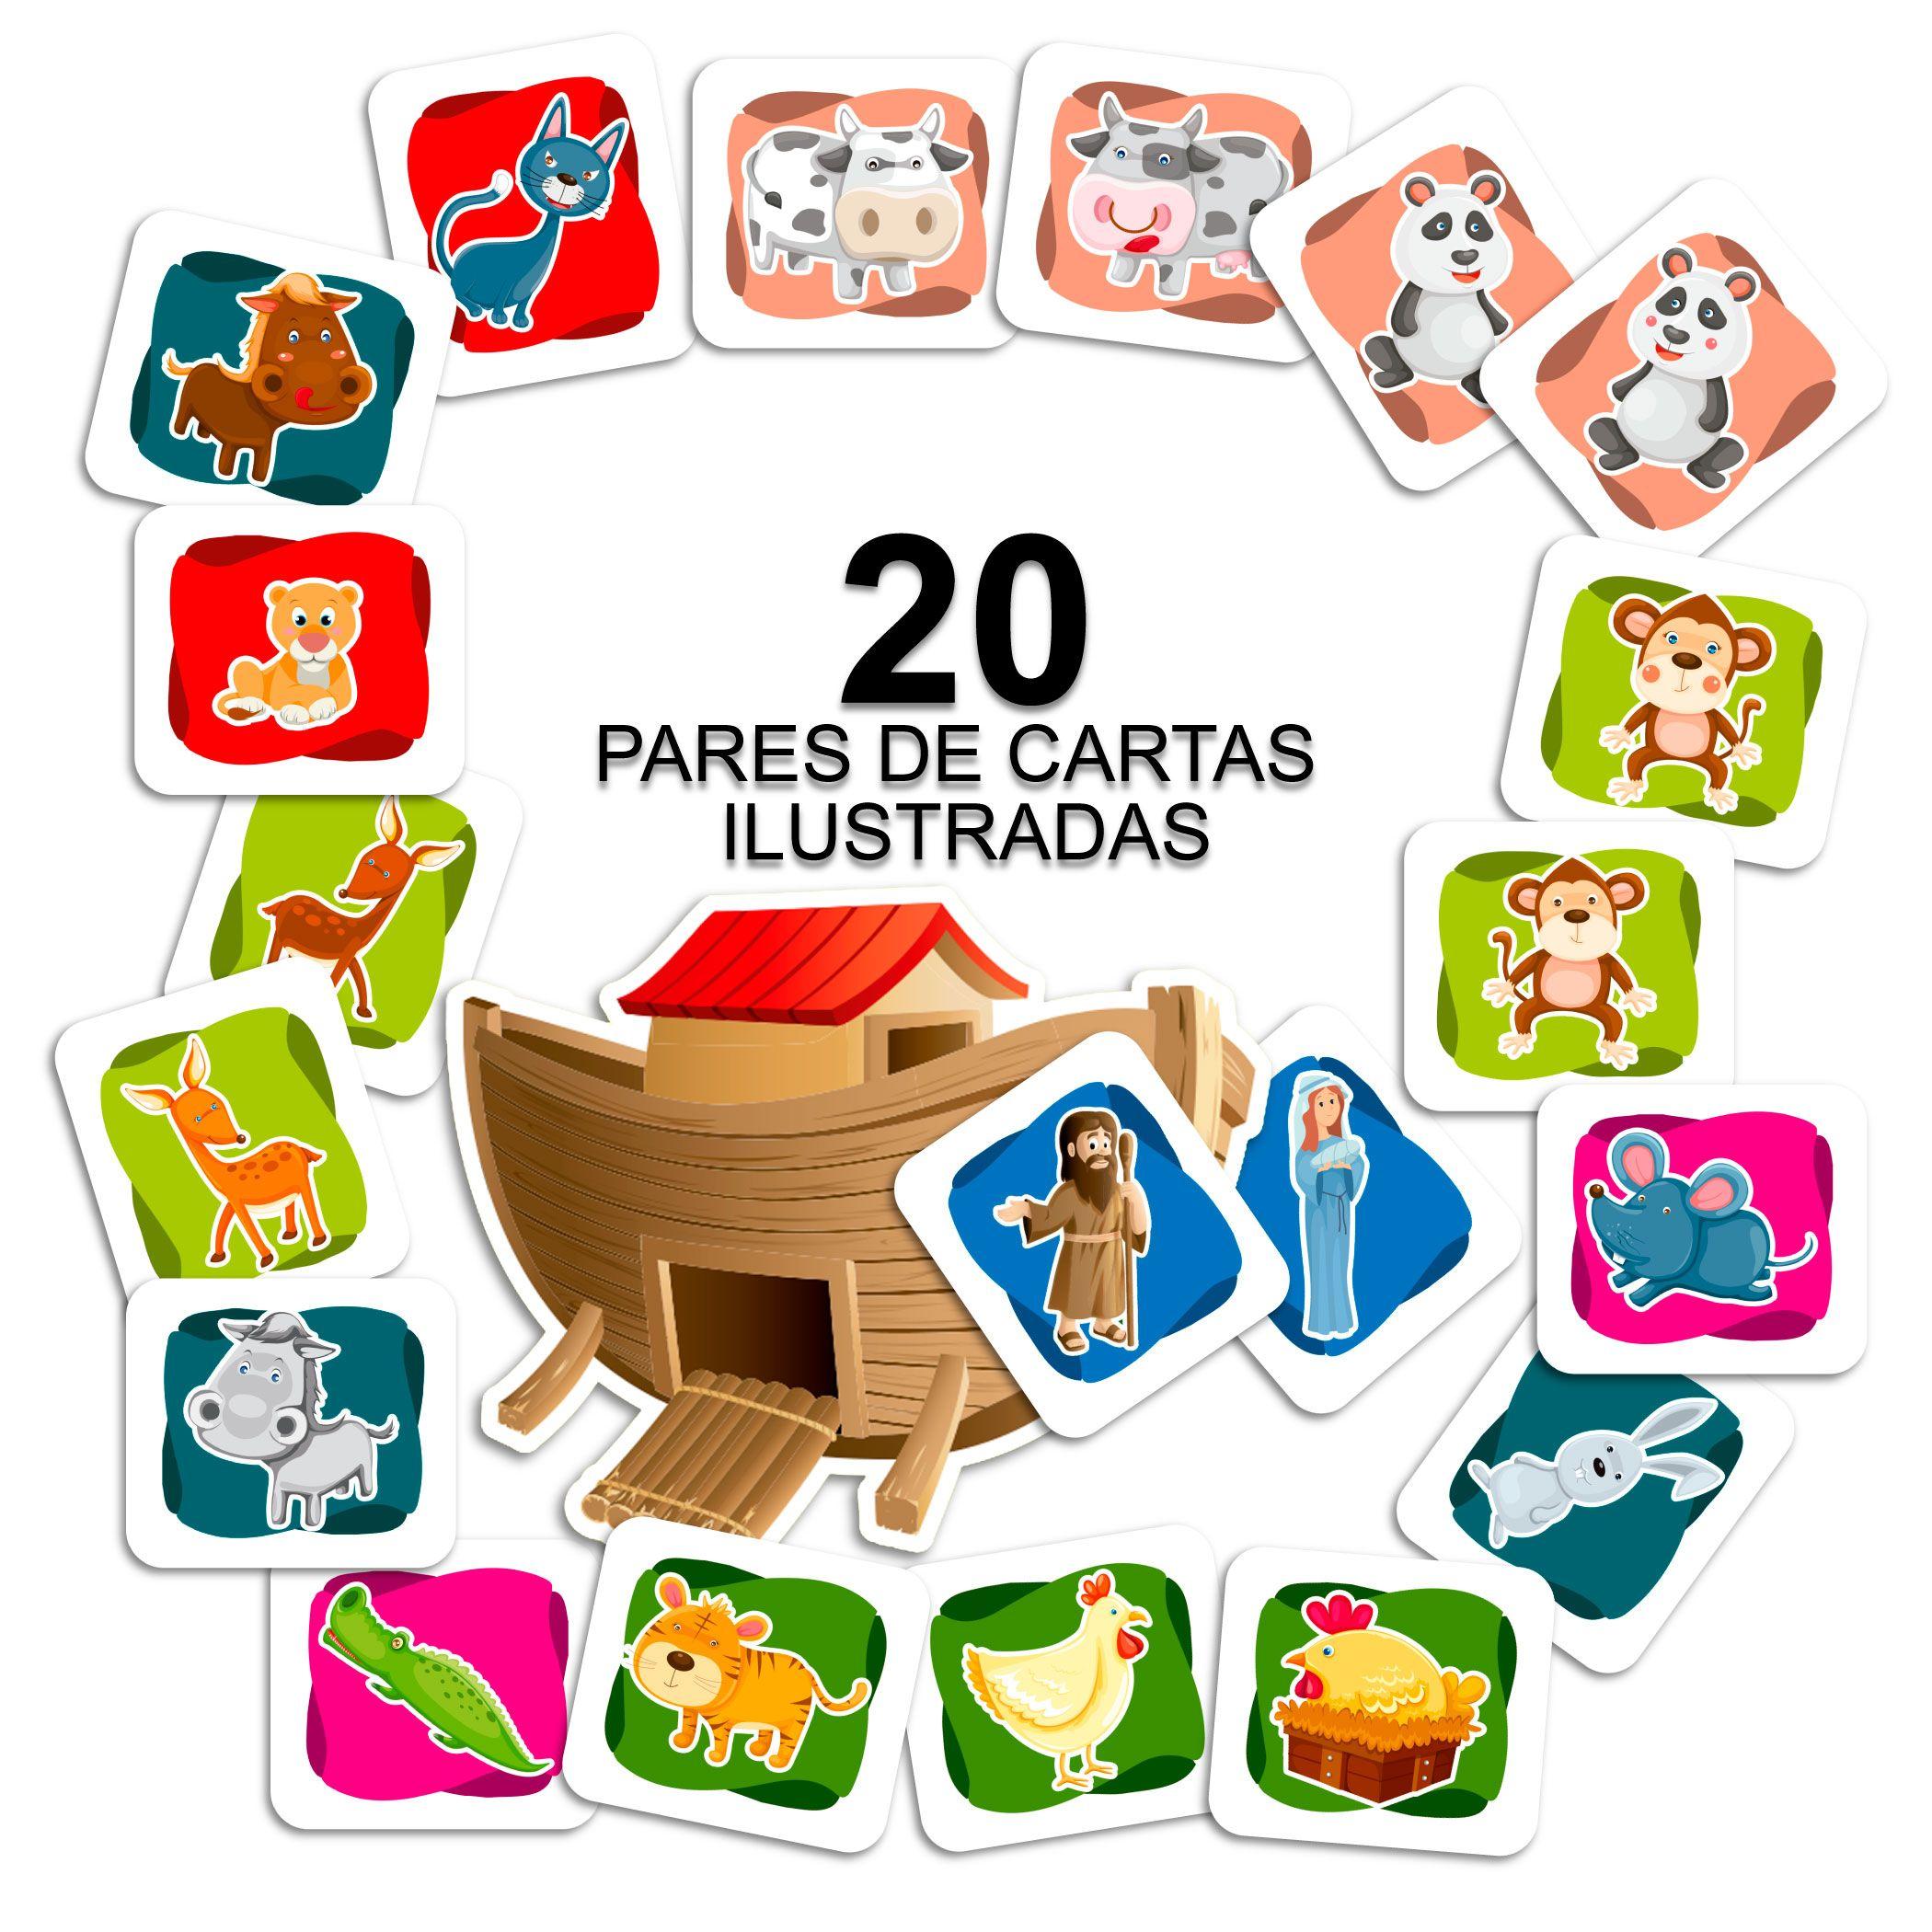 https://www.paisefilhos.ind.br/uploads/7da4a4fe6e991d486c263db0192bc591.jpg